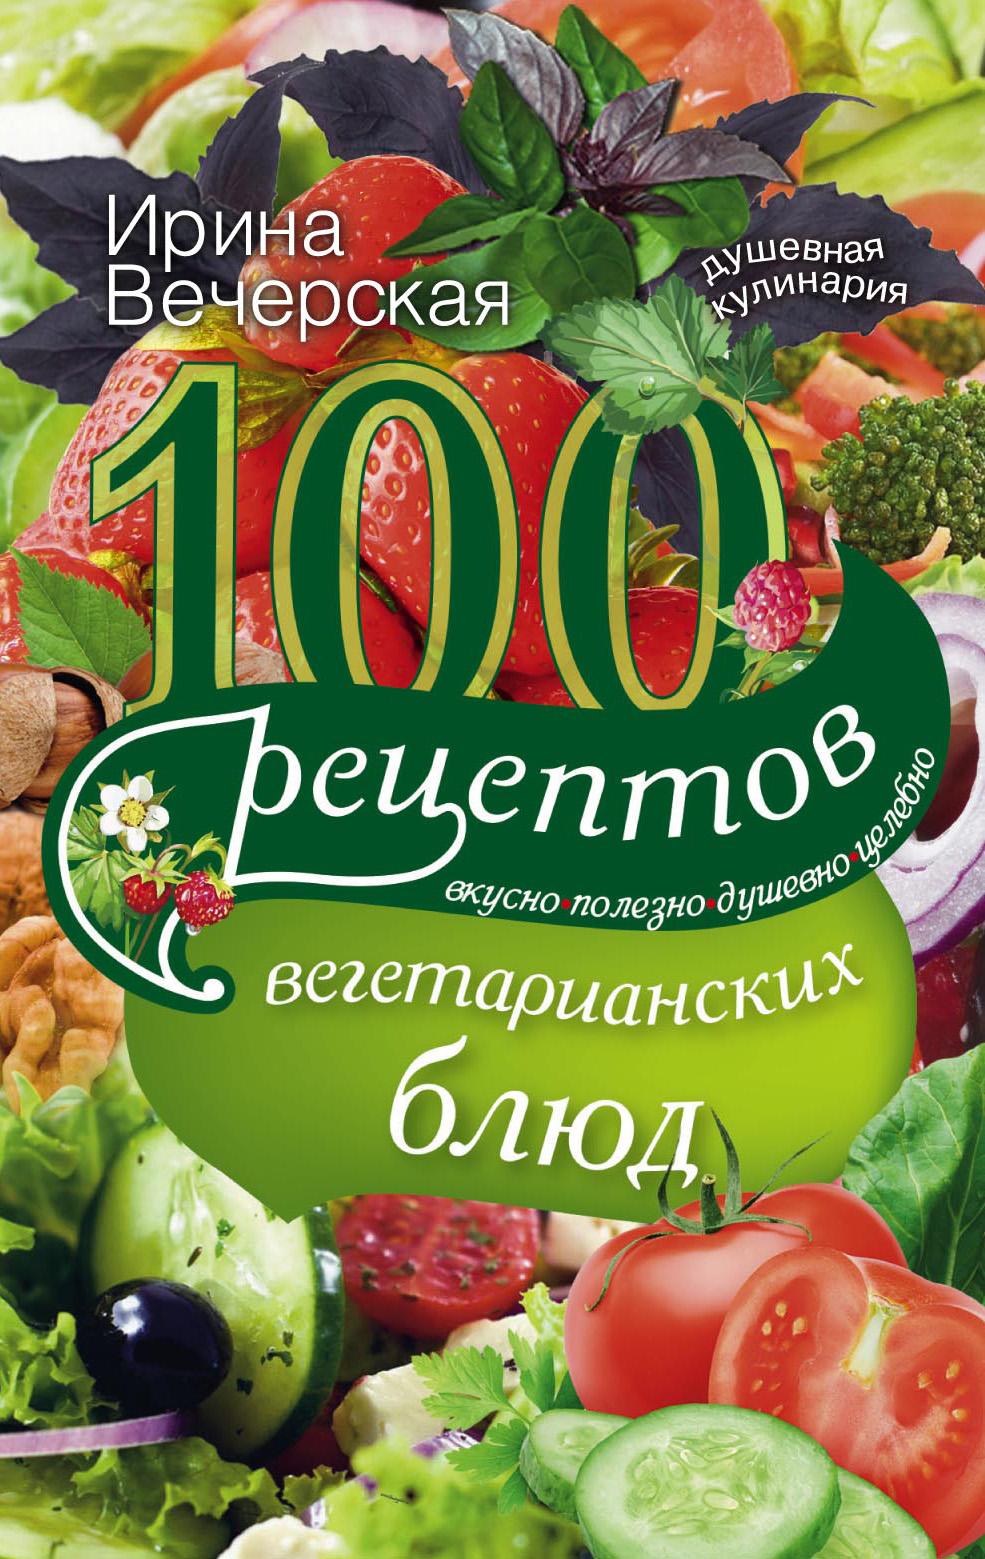 100рецептов вегетарианских блюд. Вкусно, полезно, душевно, целебно